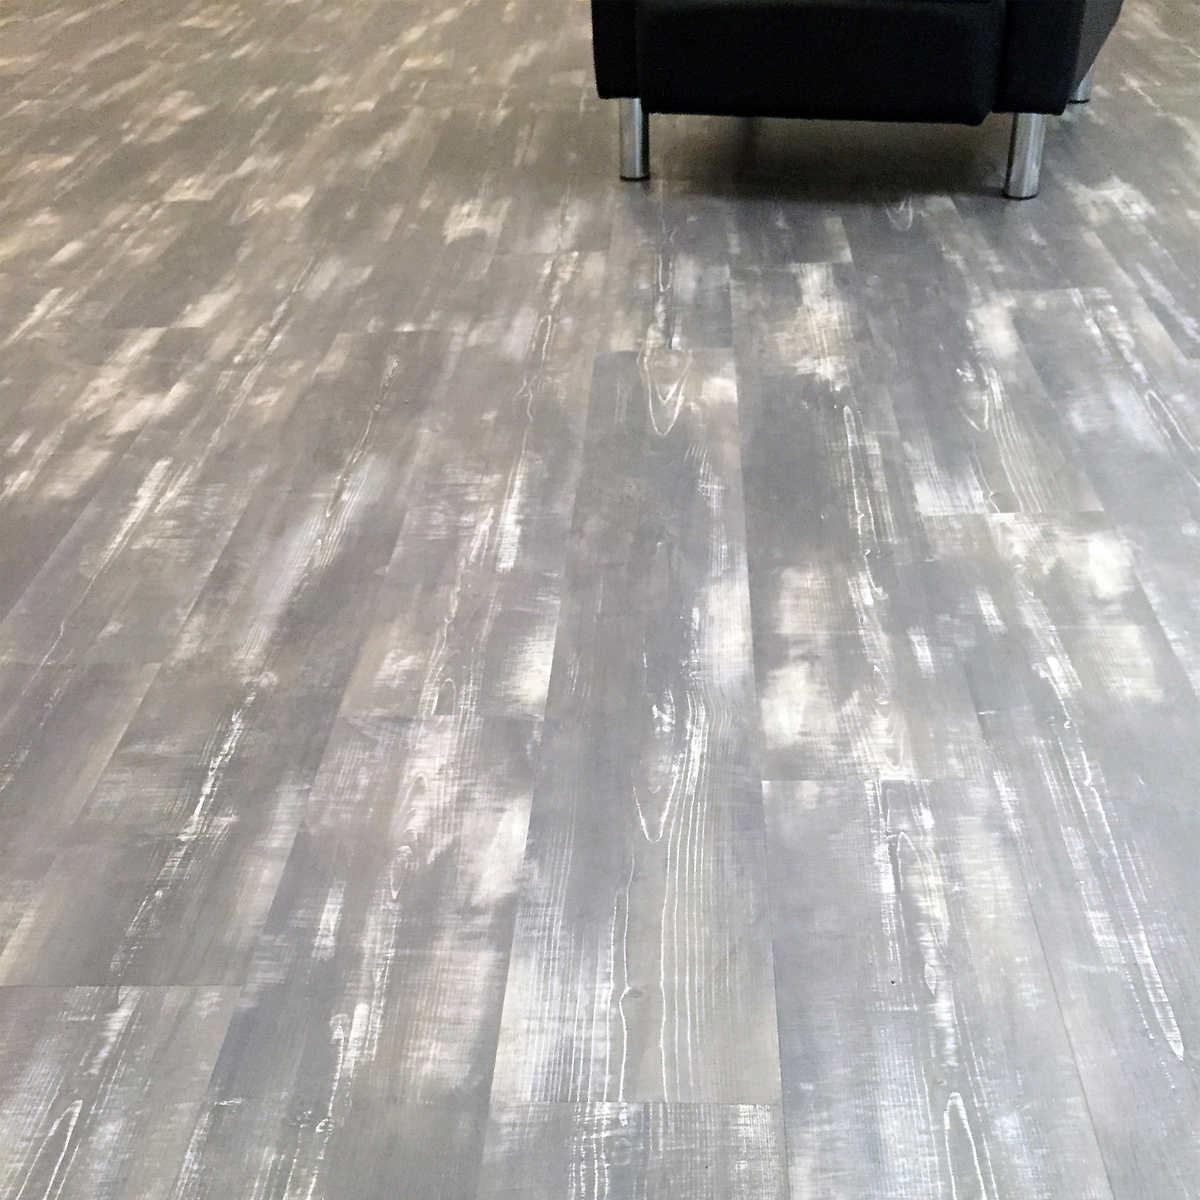 Vinyl Tile Flooring vinyl tile design pattern Fossil Oak Power Click Flooring Luxury Vinyl Tile System